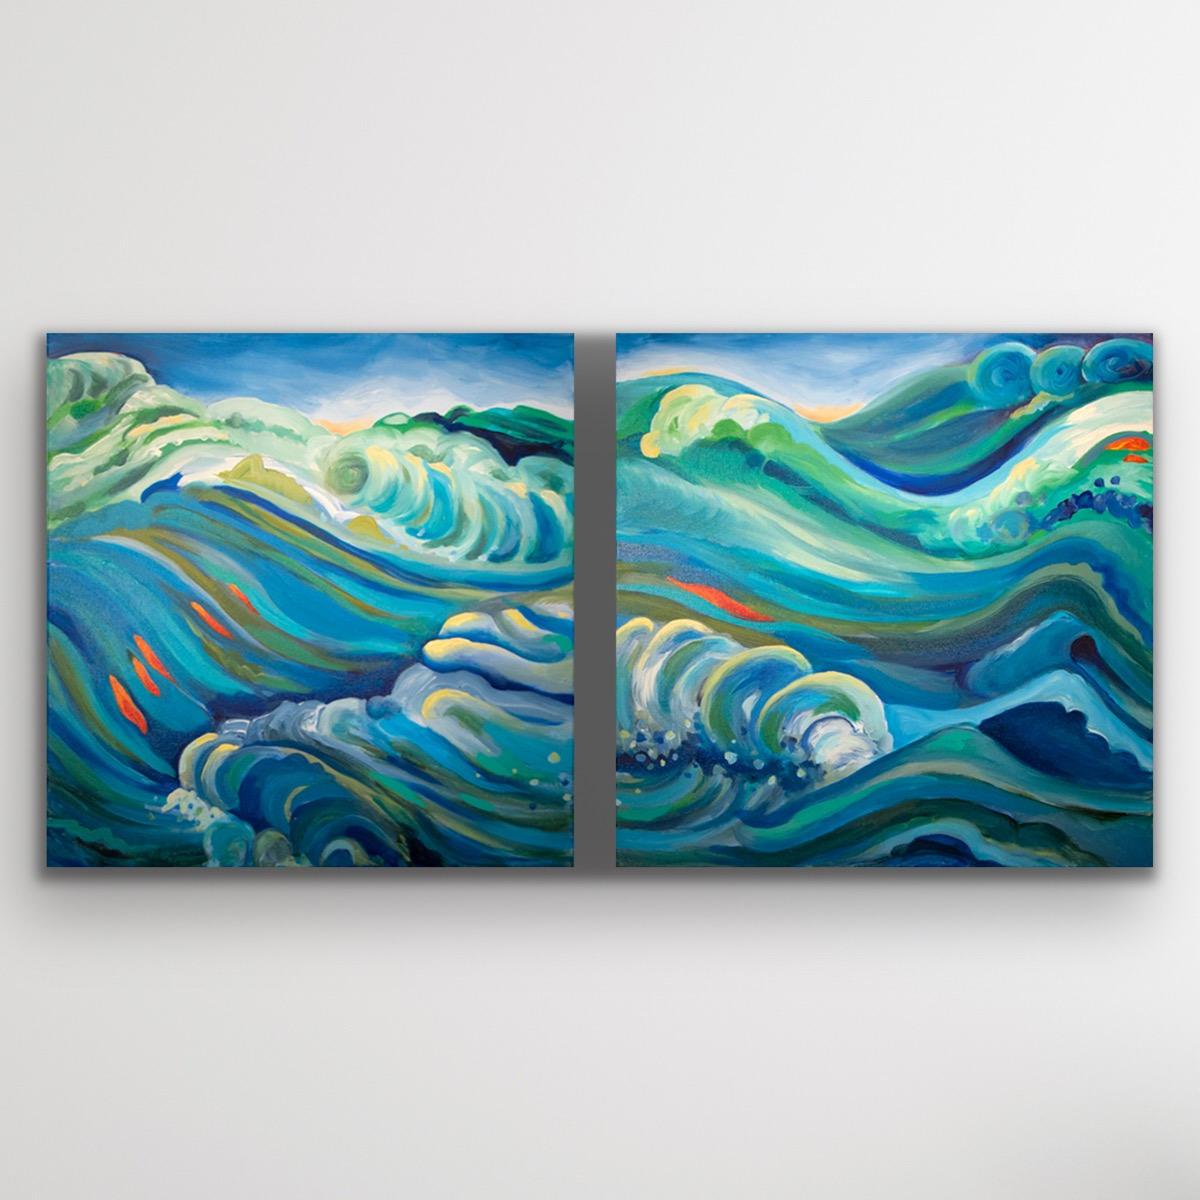 Oceans 1 & 2